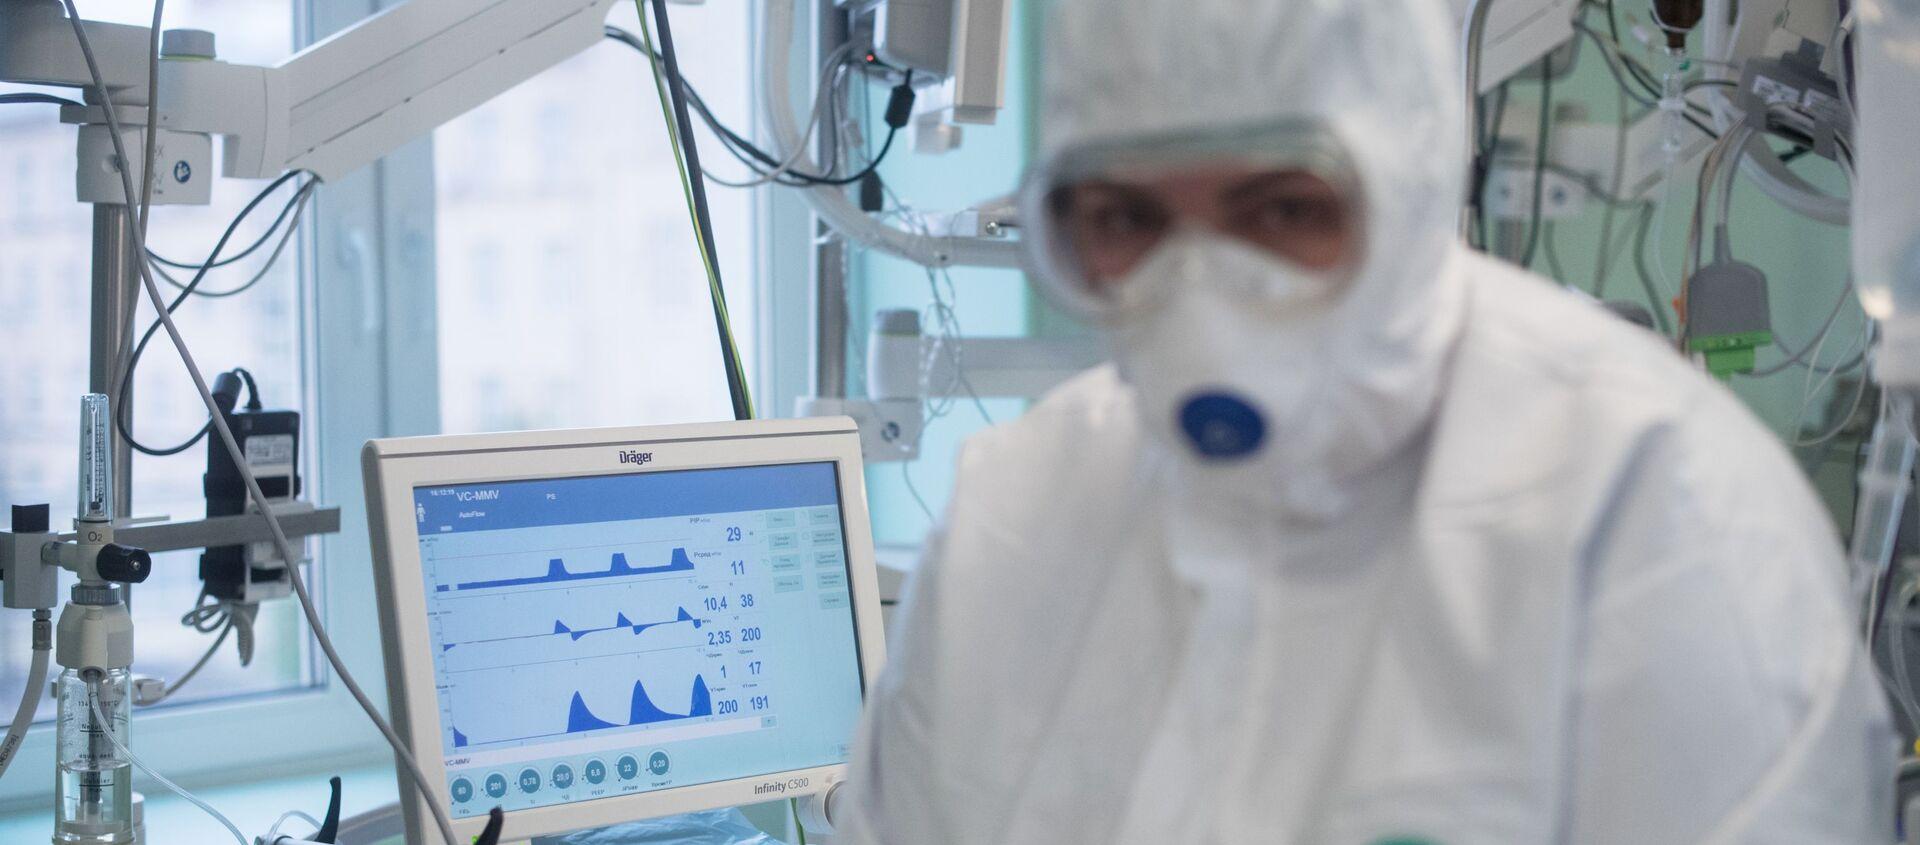 Центр НМИЦ здоровья детей Минздрава РФ, где проходят лечение дети с COVID-19  - Sputnik Абхазия, 1920, 16.05.2020